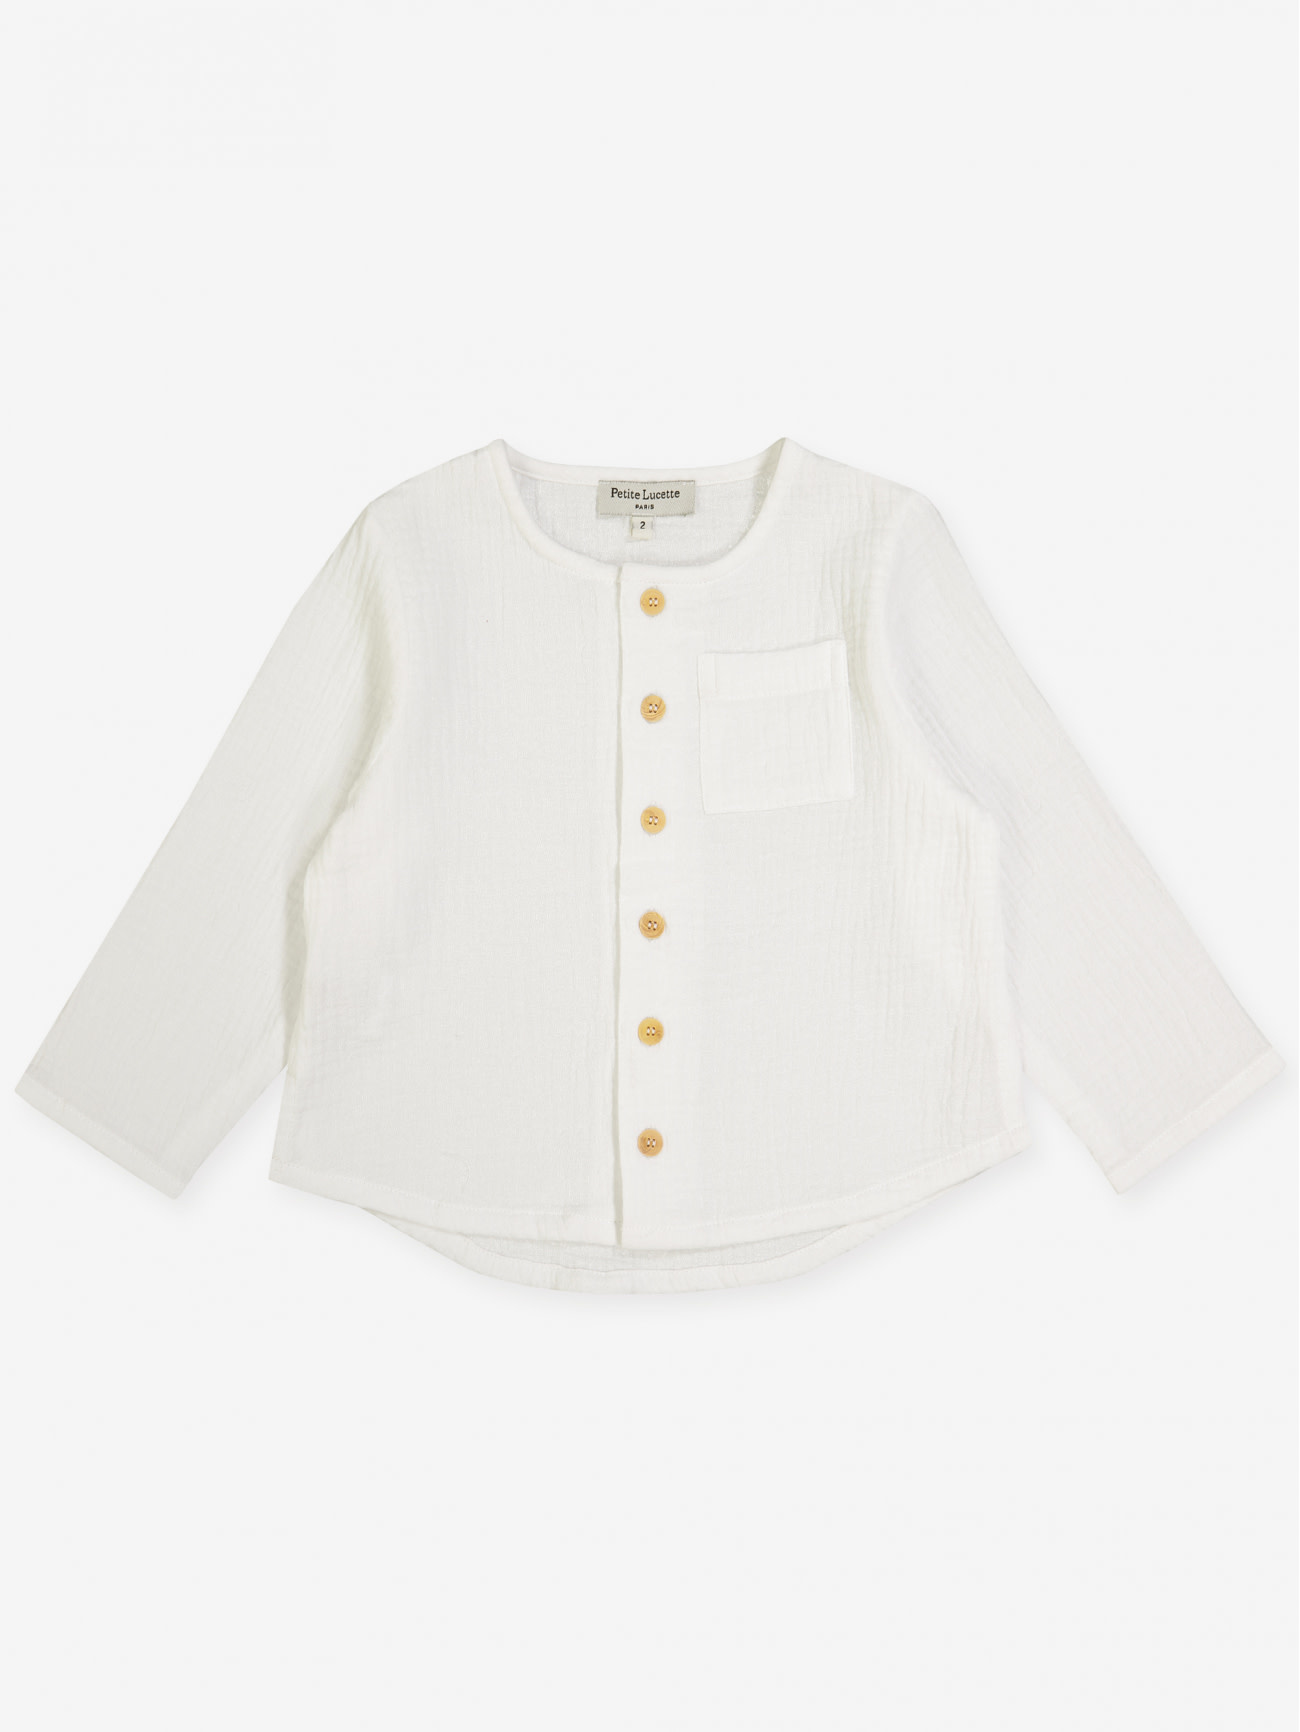 PETITE LUCETTE Gaston Shirt